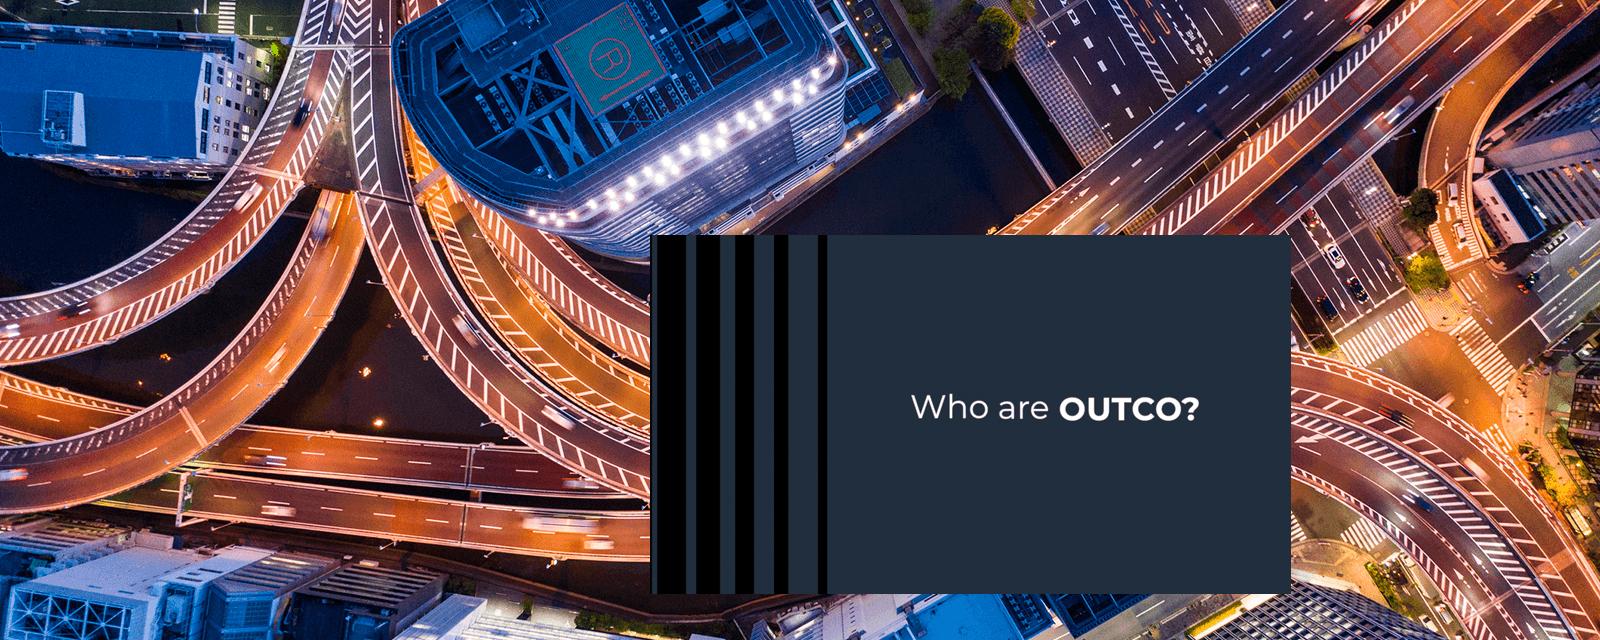 who are outco